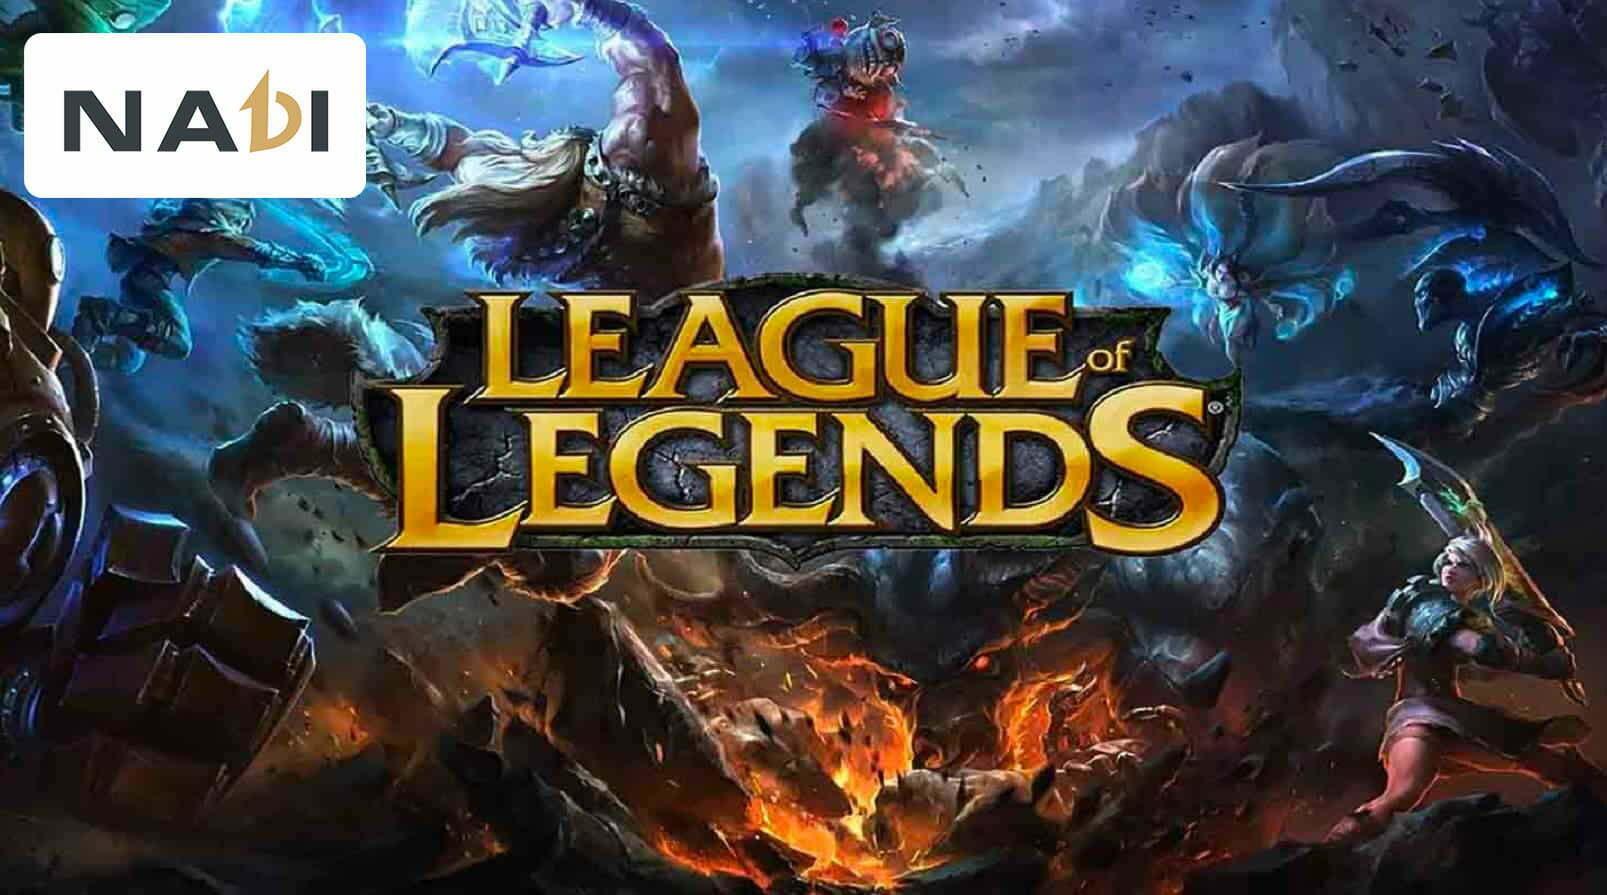 League of Legends - Game PC Được Ưa Chuộng nhất